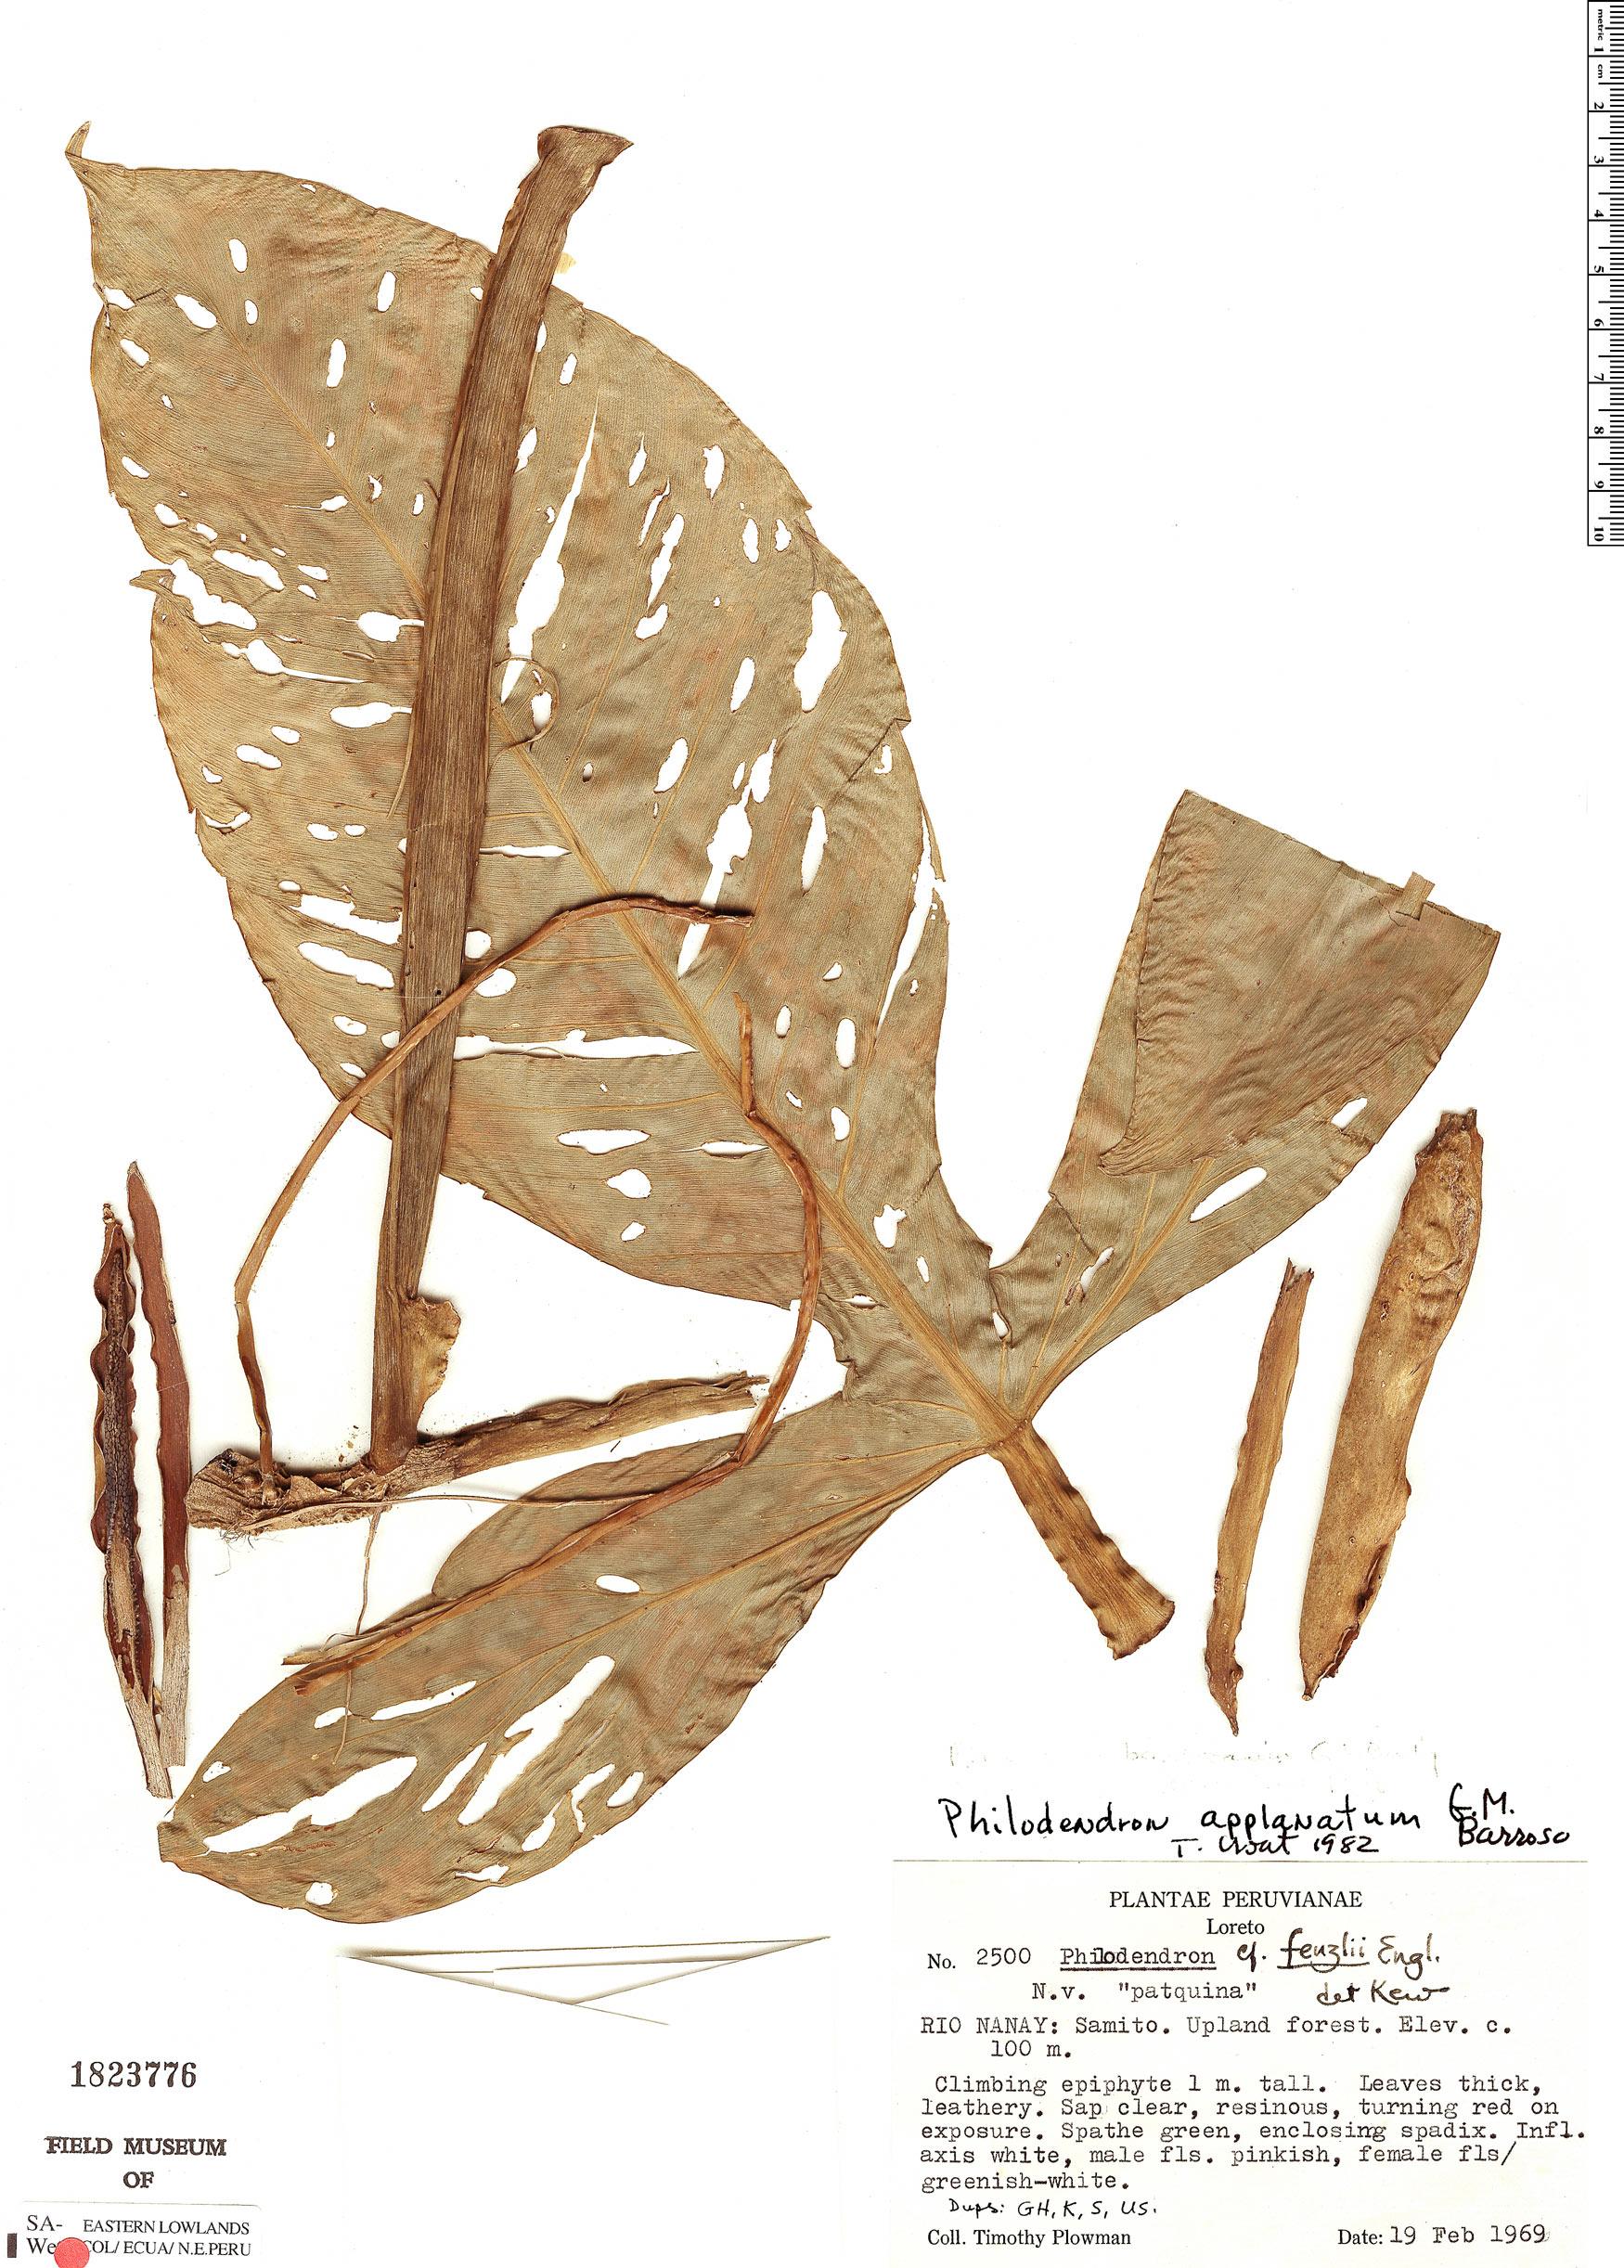 Specimen: Philodendron applanatum